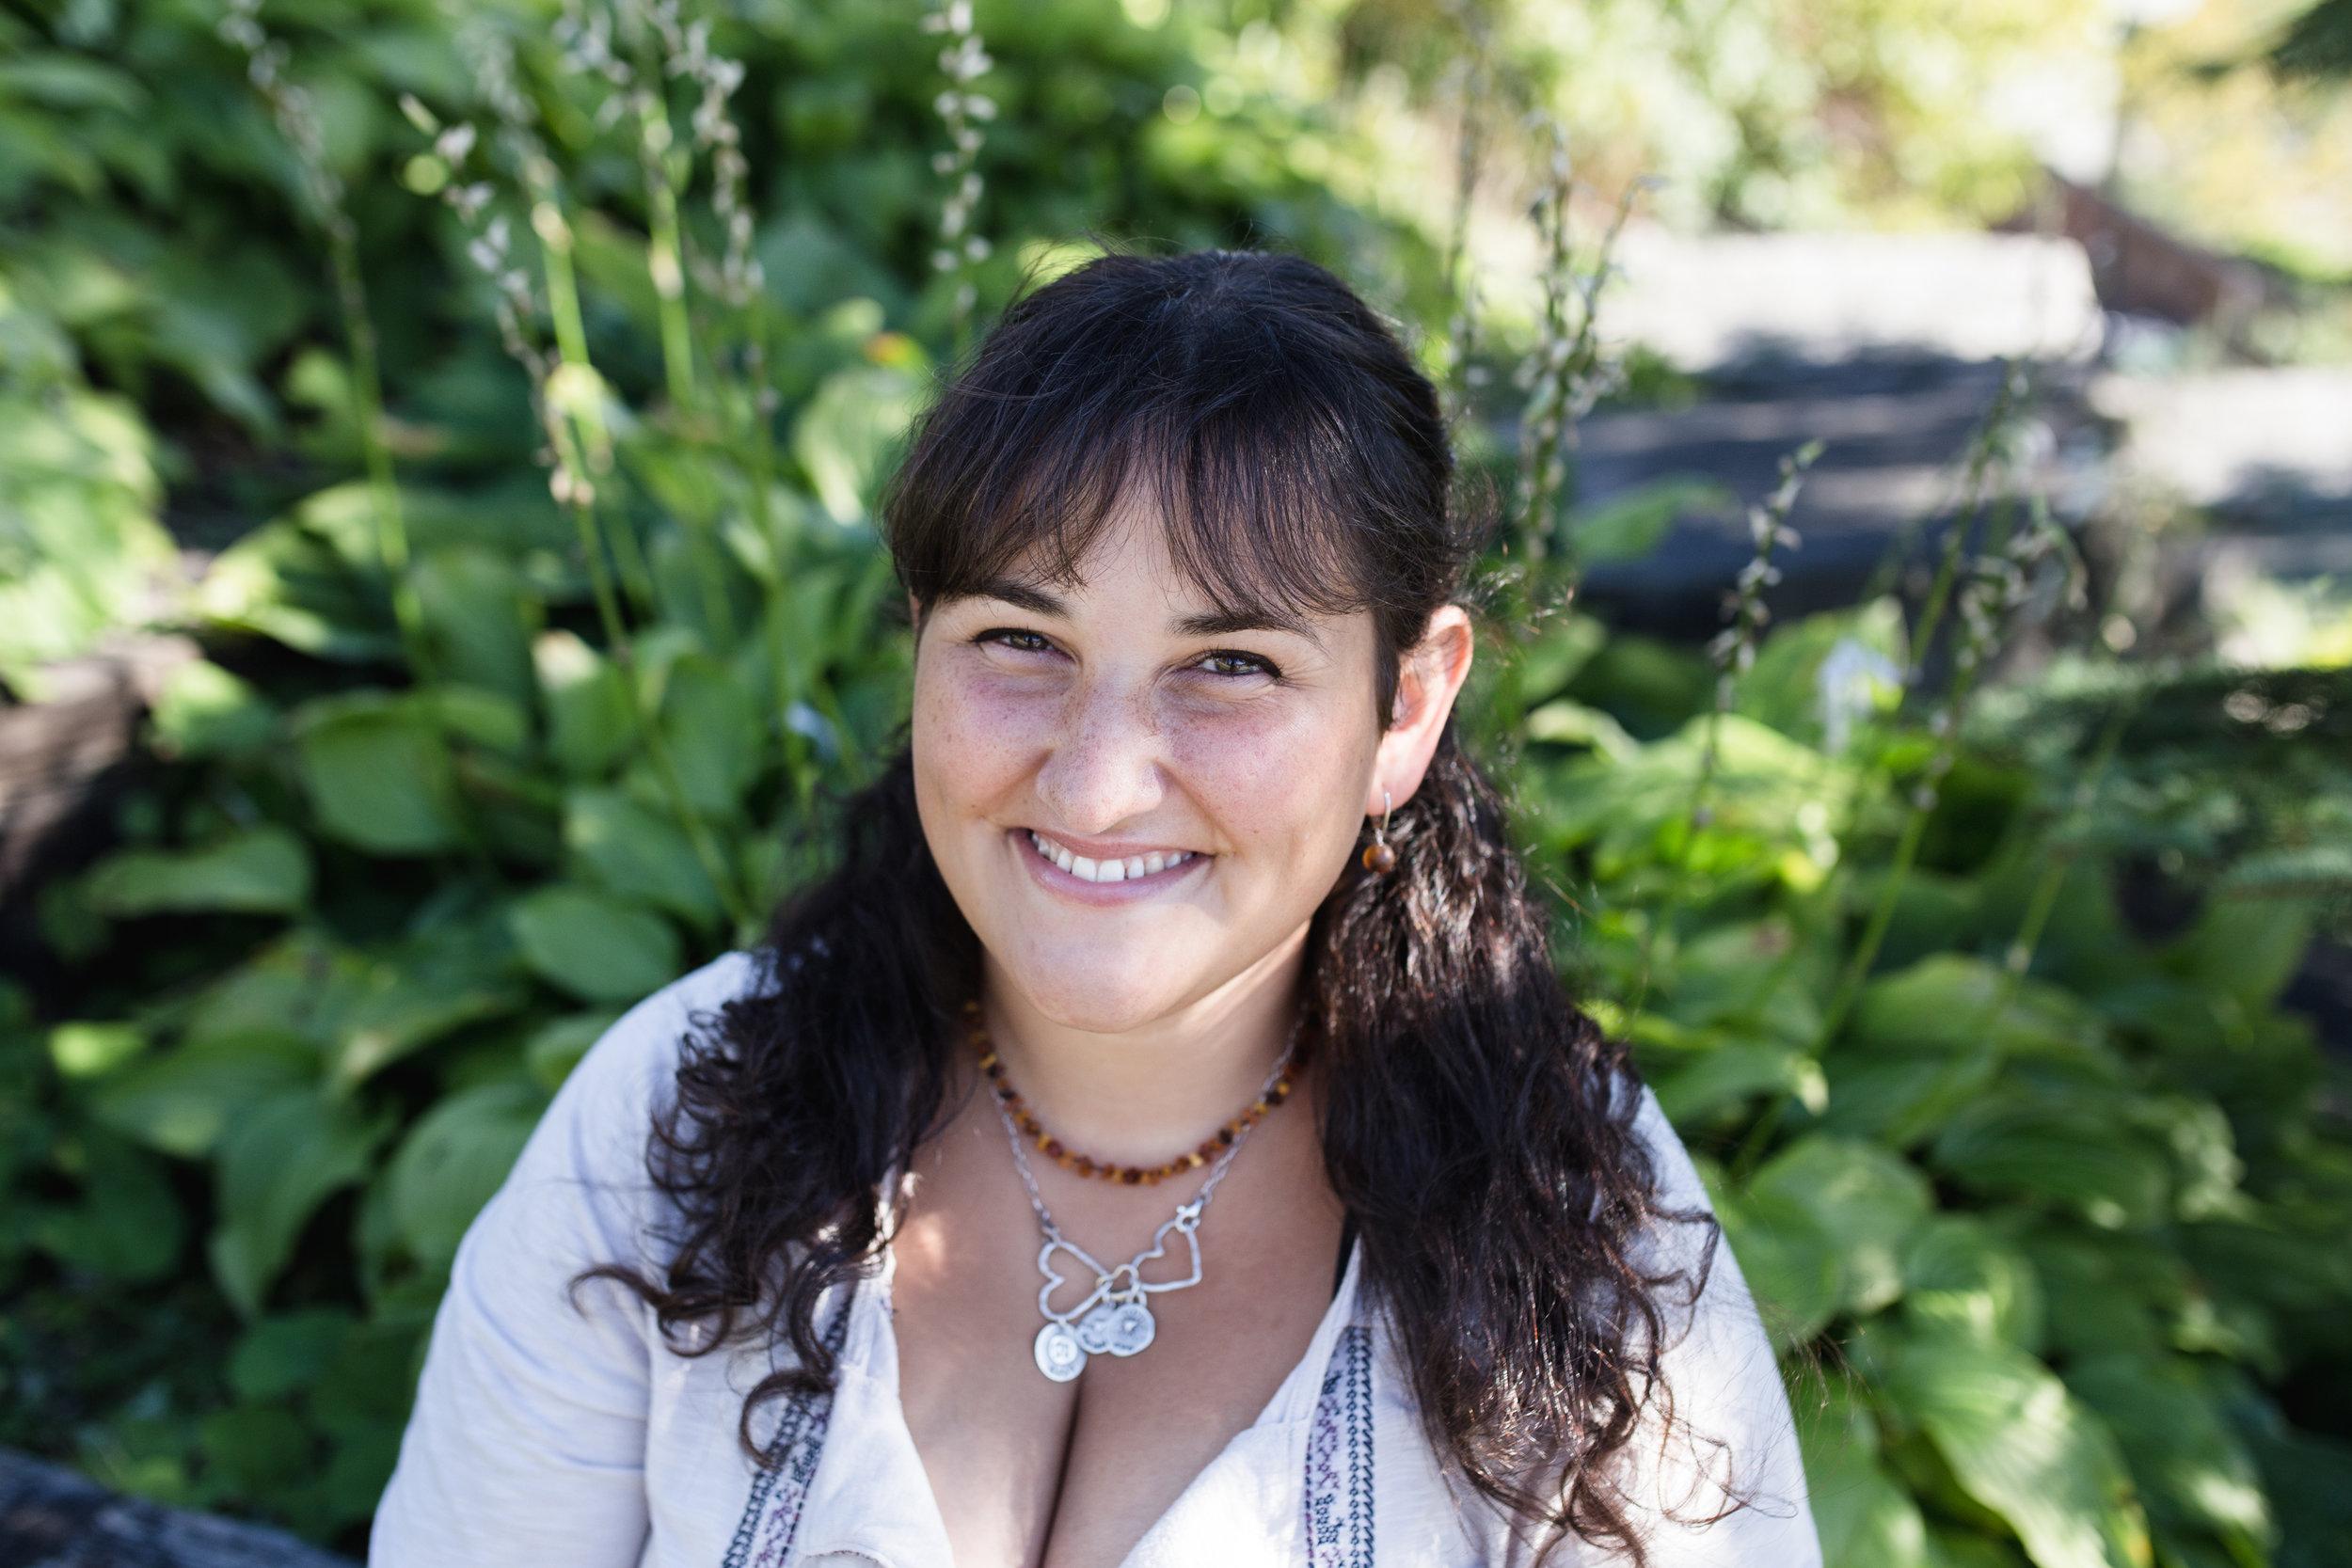 Joanne Henriques